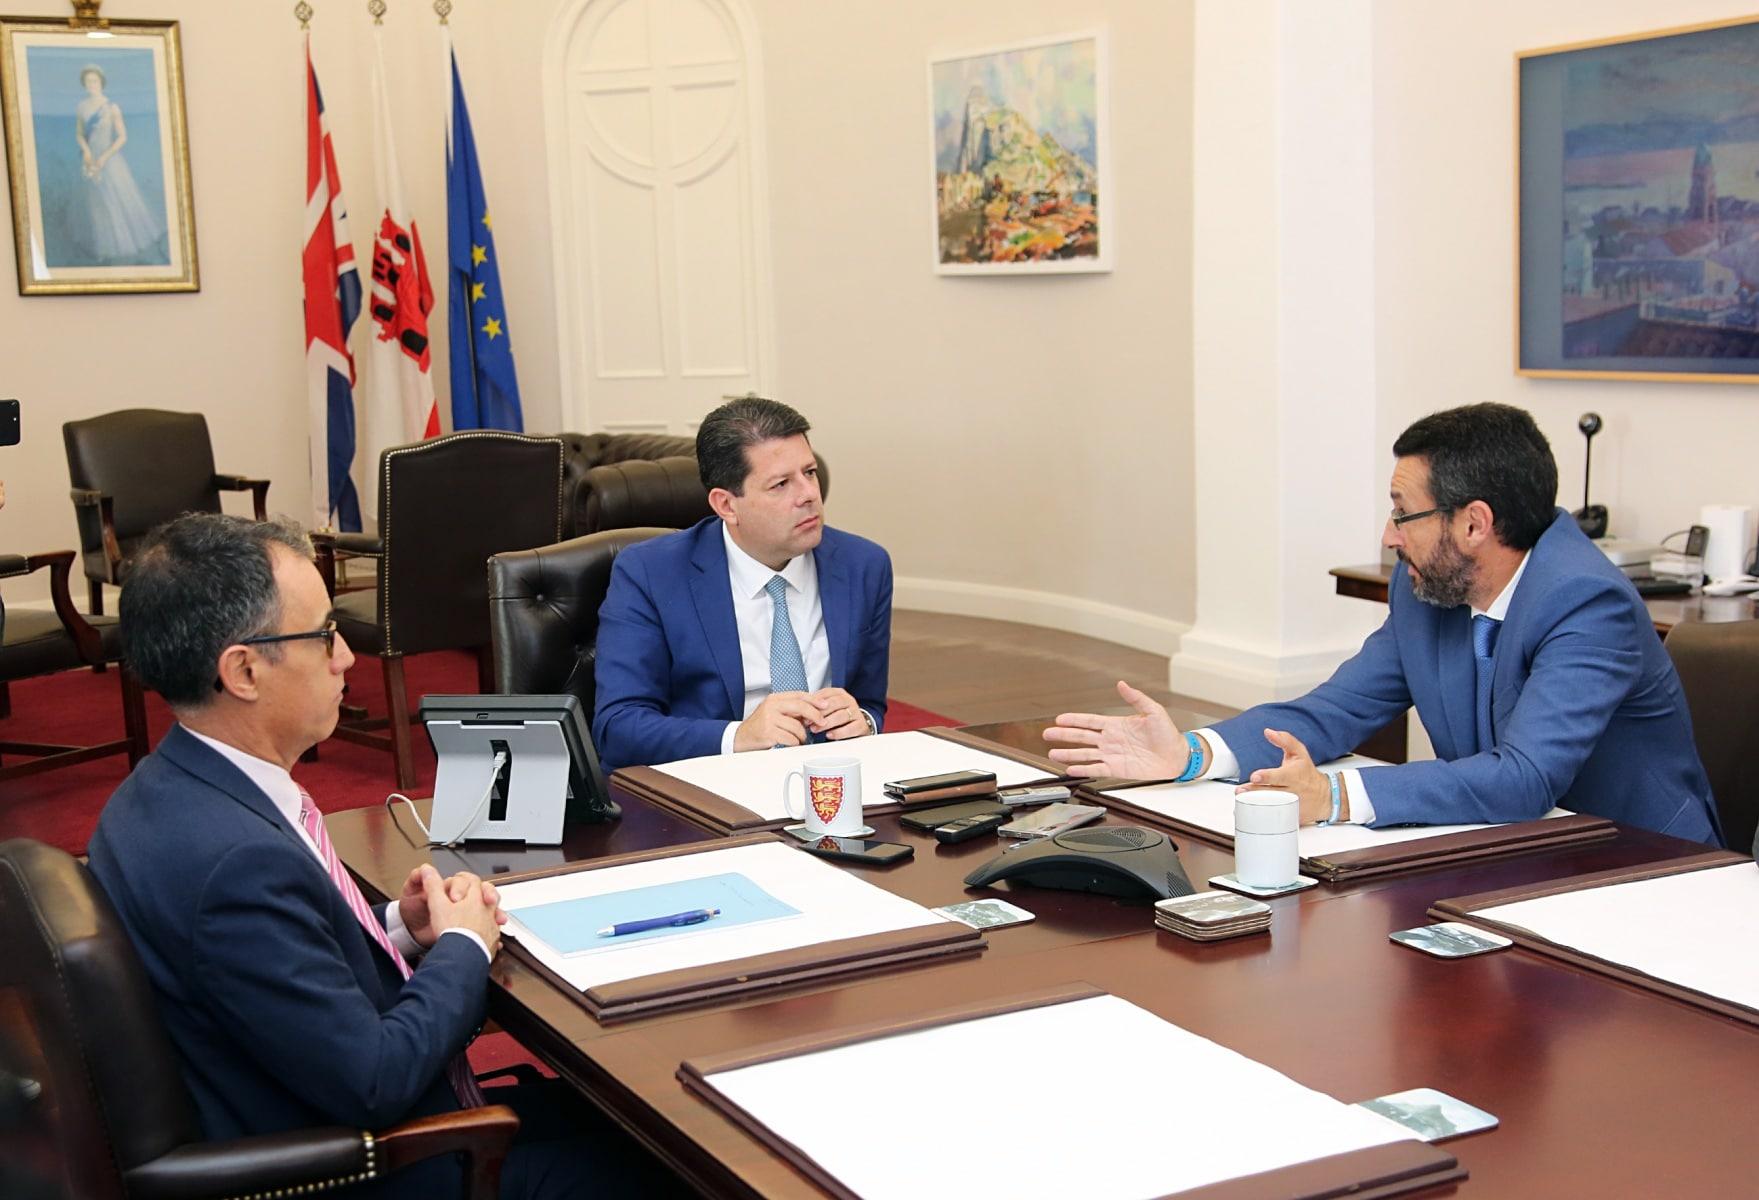 visita-del-alcalde-de-la-lnea-al-ministro-principal-de-gibraltar_48954605301_o